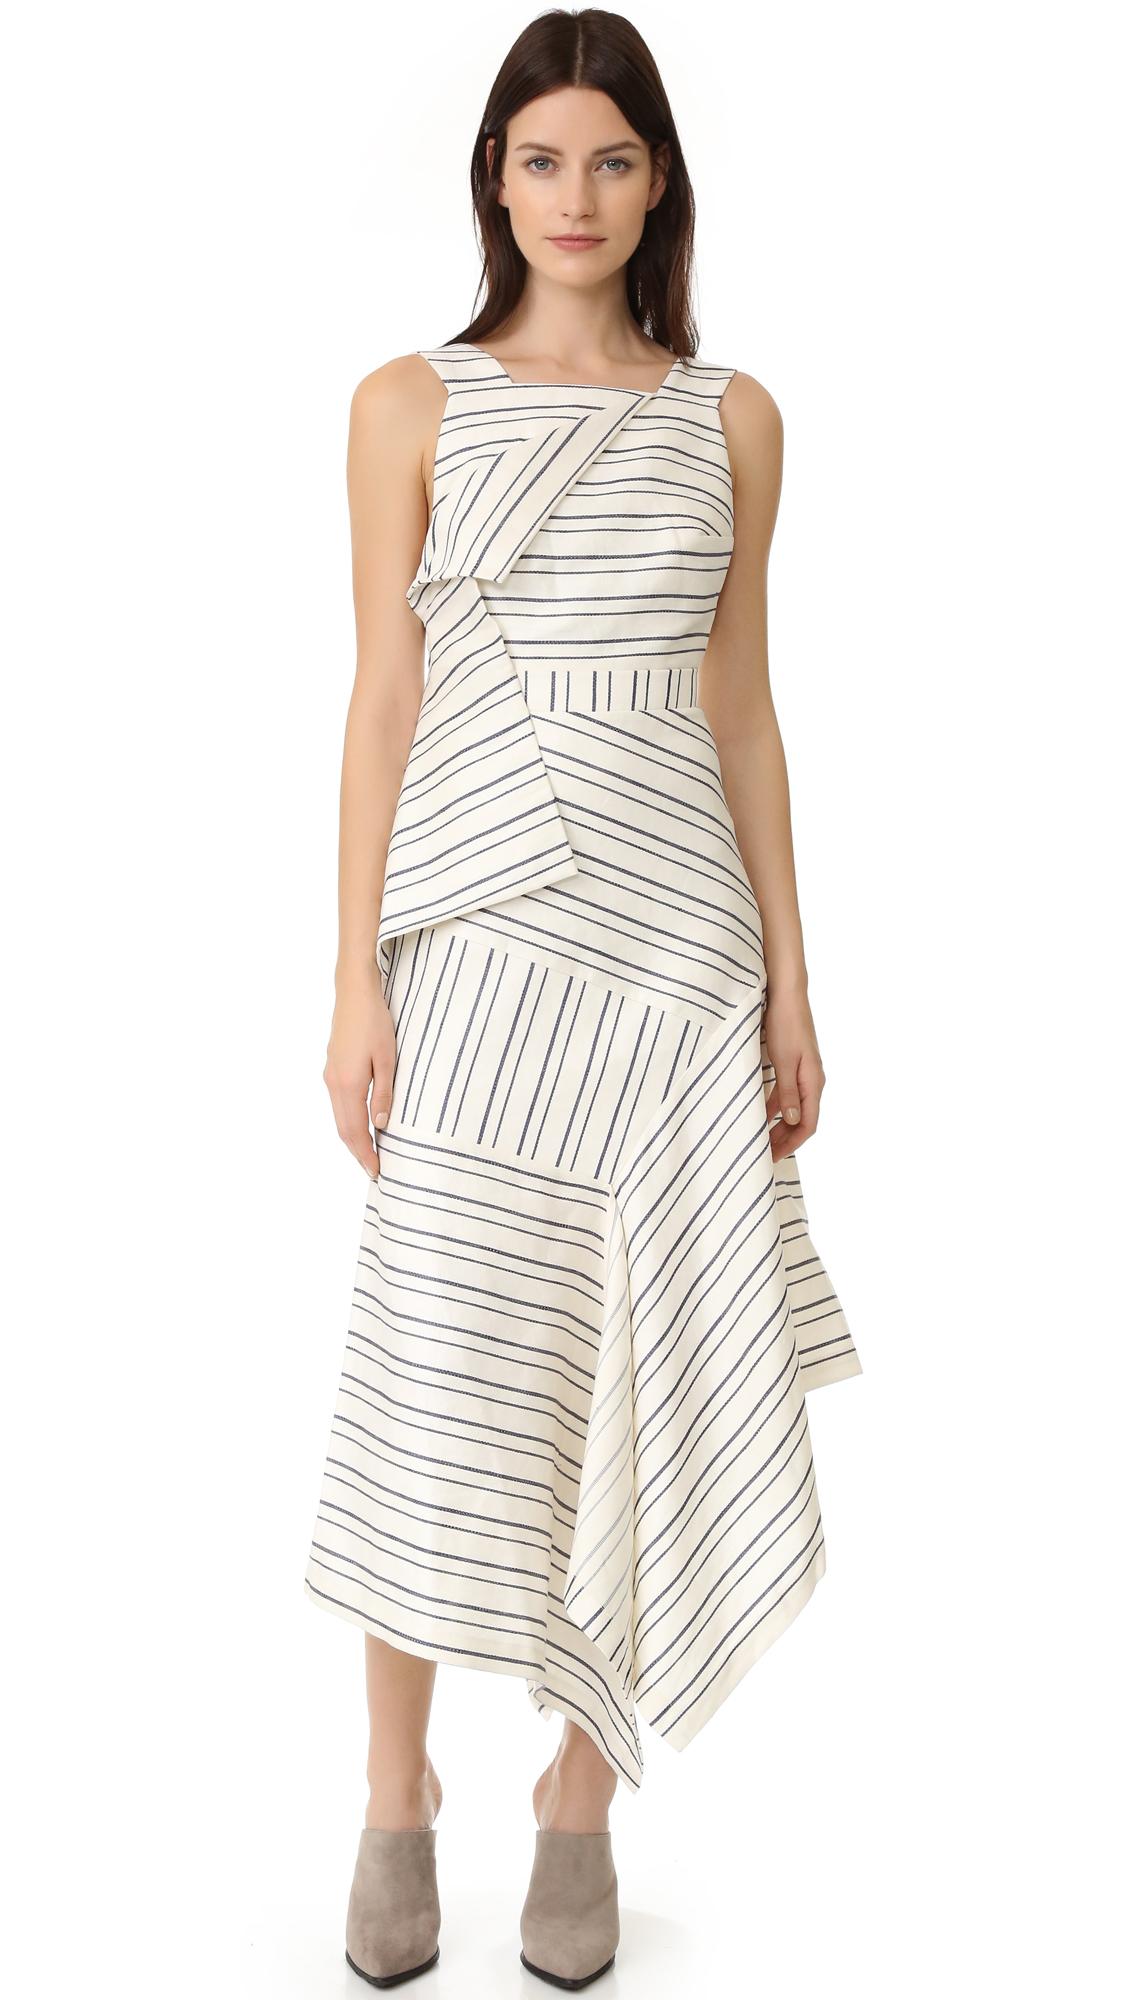 Acler Harlan Dress - Self Stripe at Shopbop